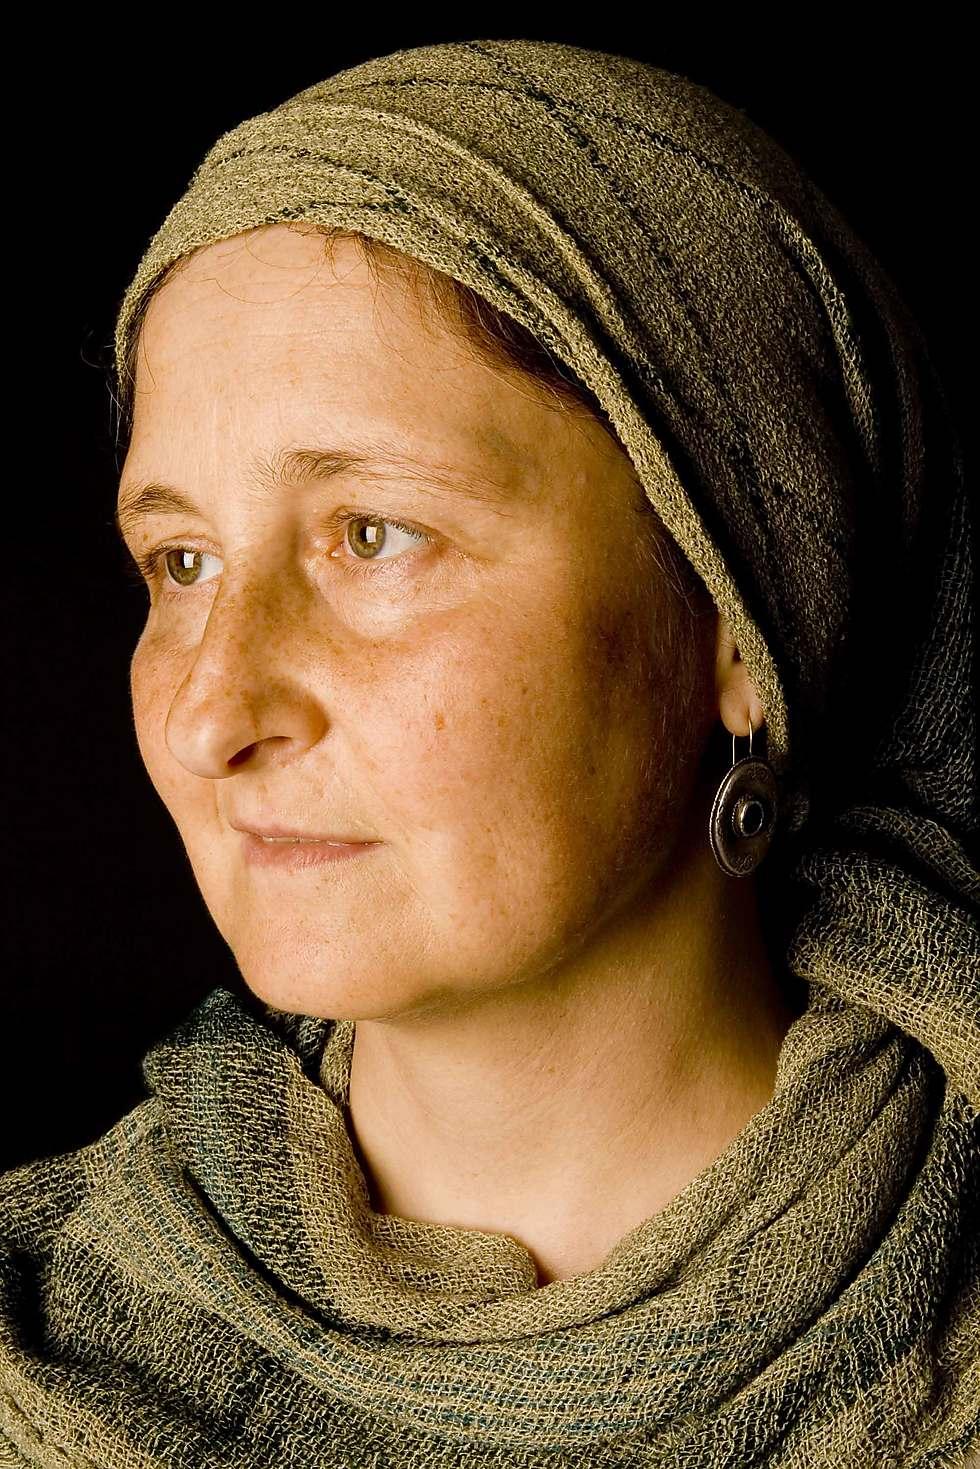 שרה פרידלנד-בן ארזה (צילום: מיכה שמחון )